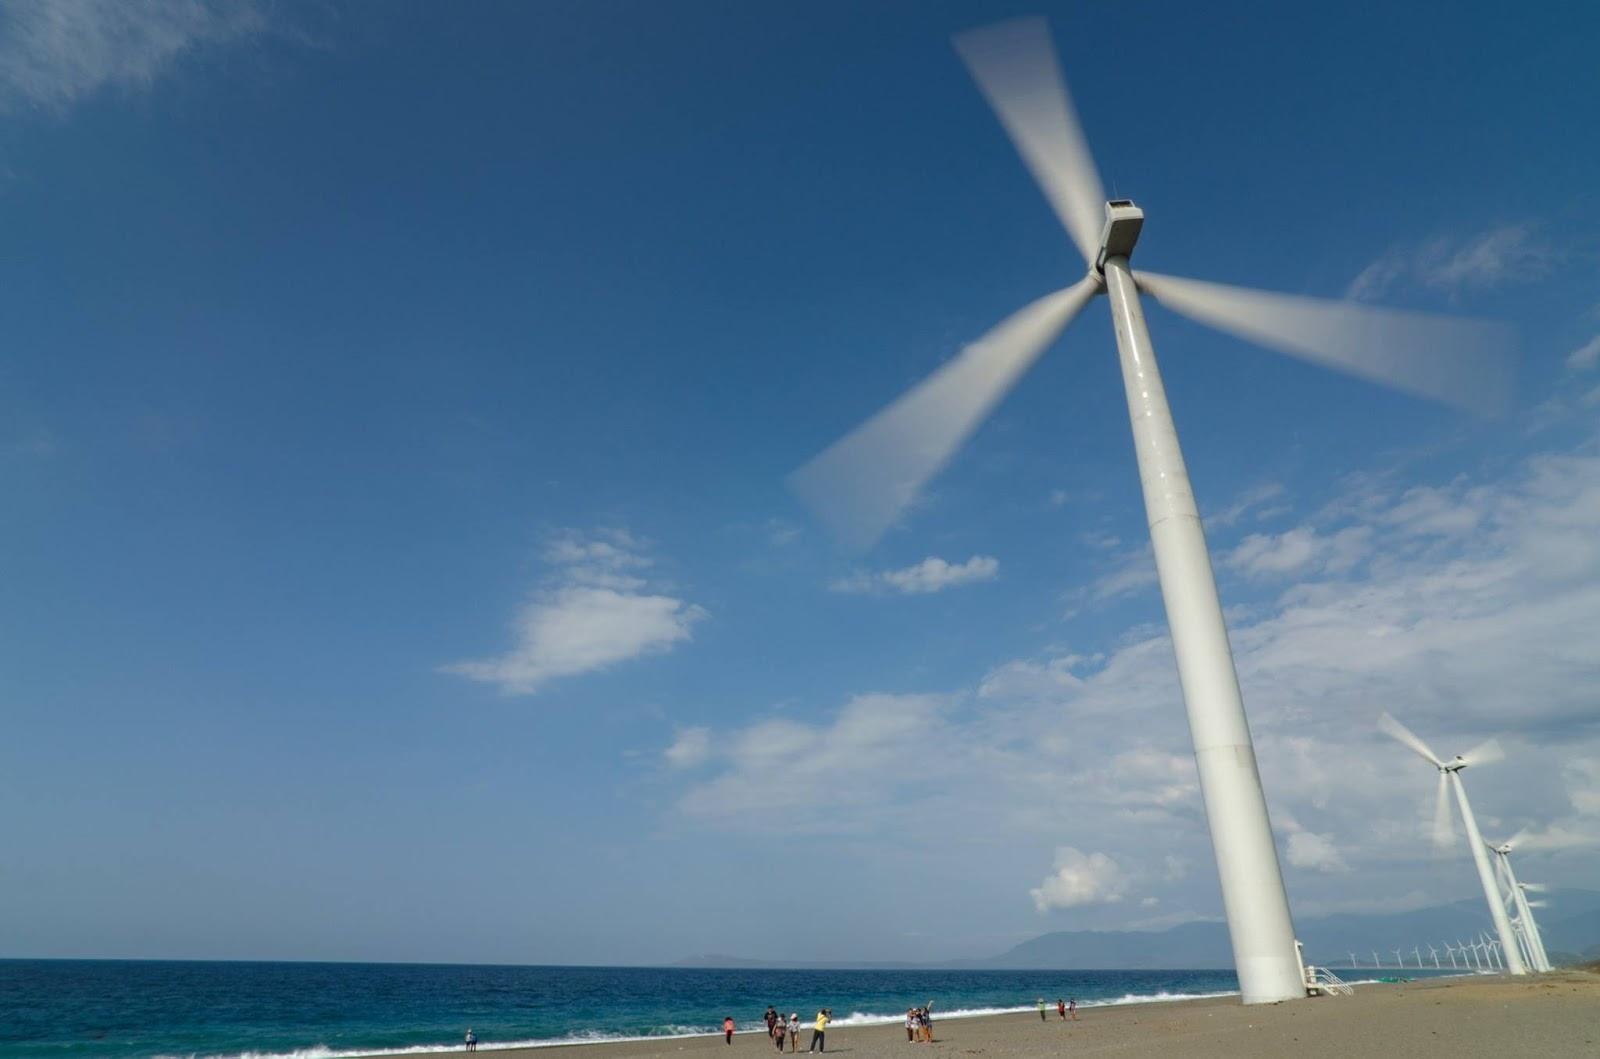 Bangui Windmills Pagudpud Ilocos Norte Region I Philippines